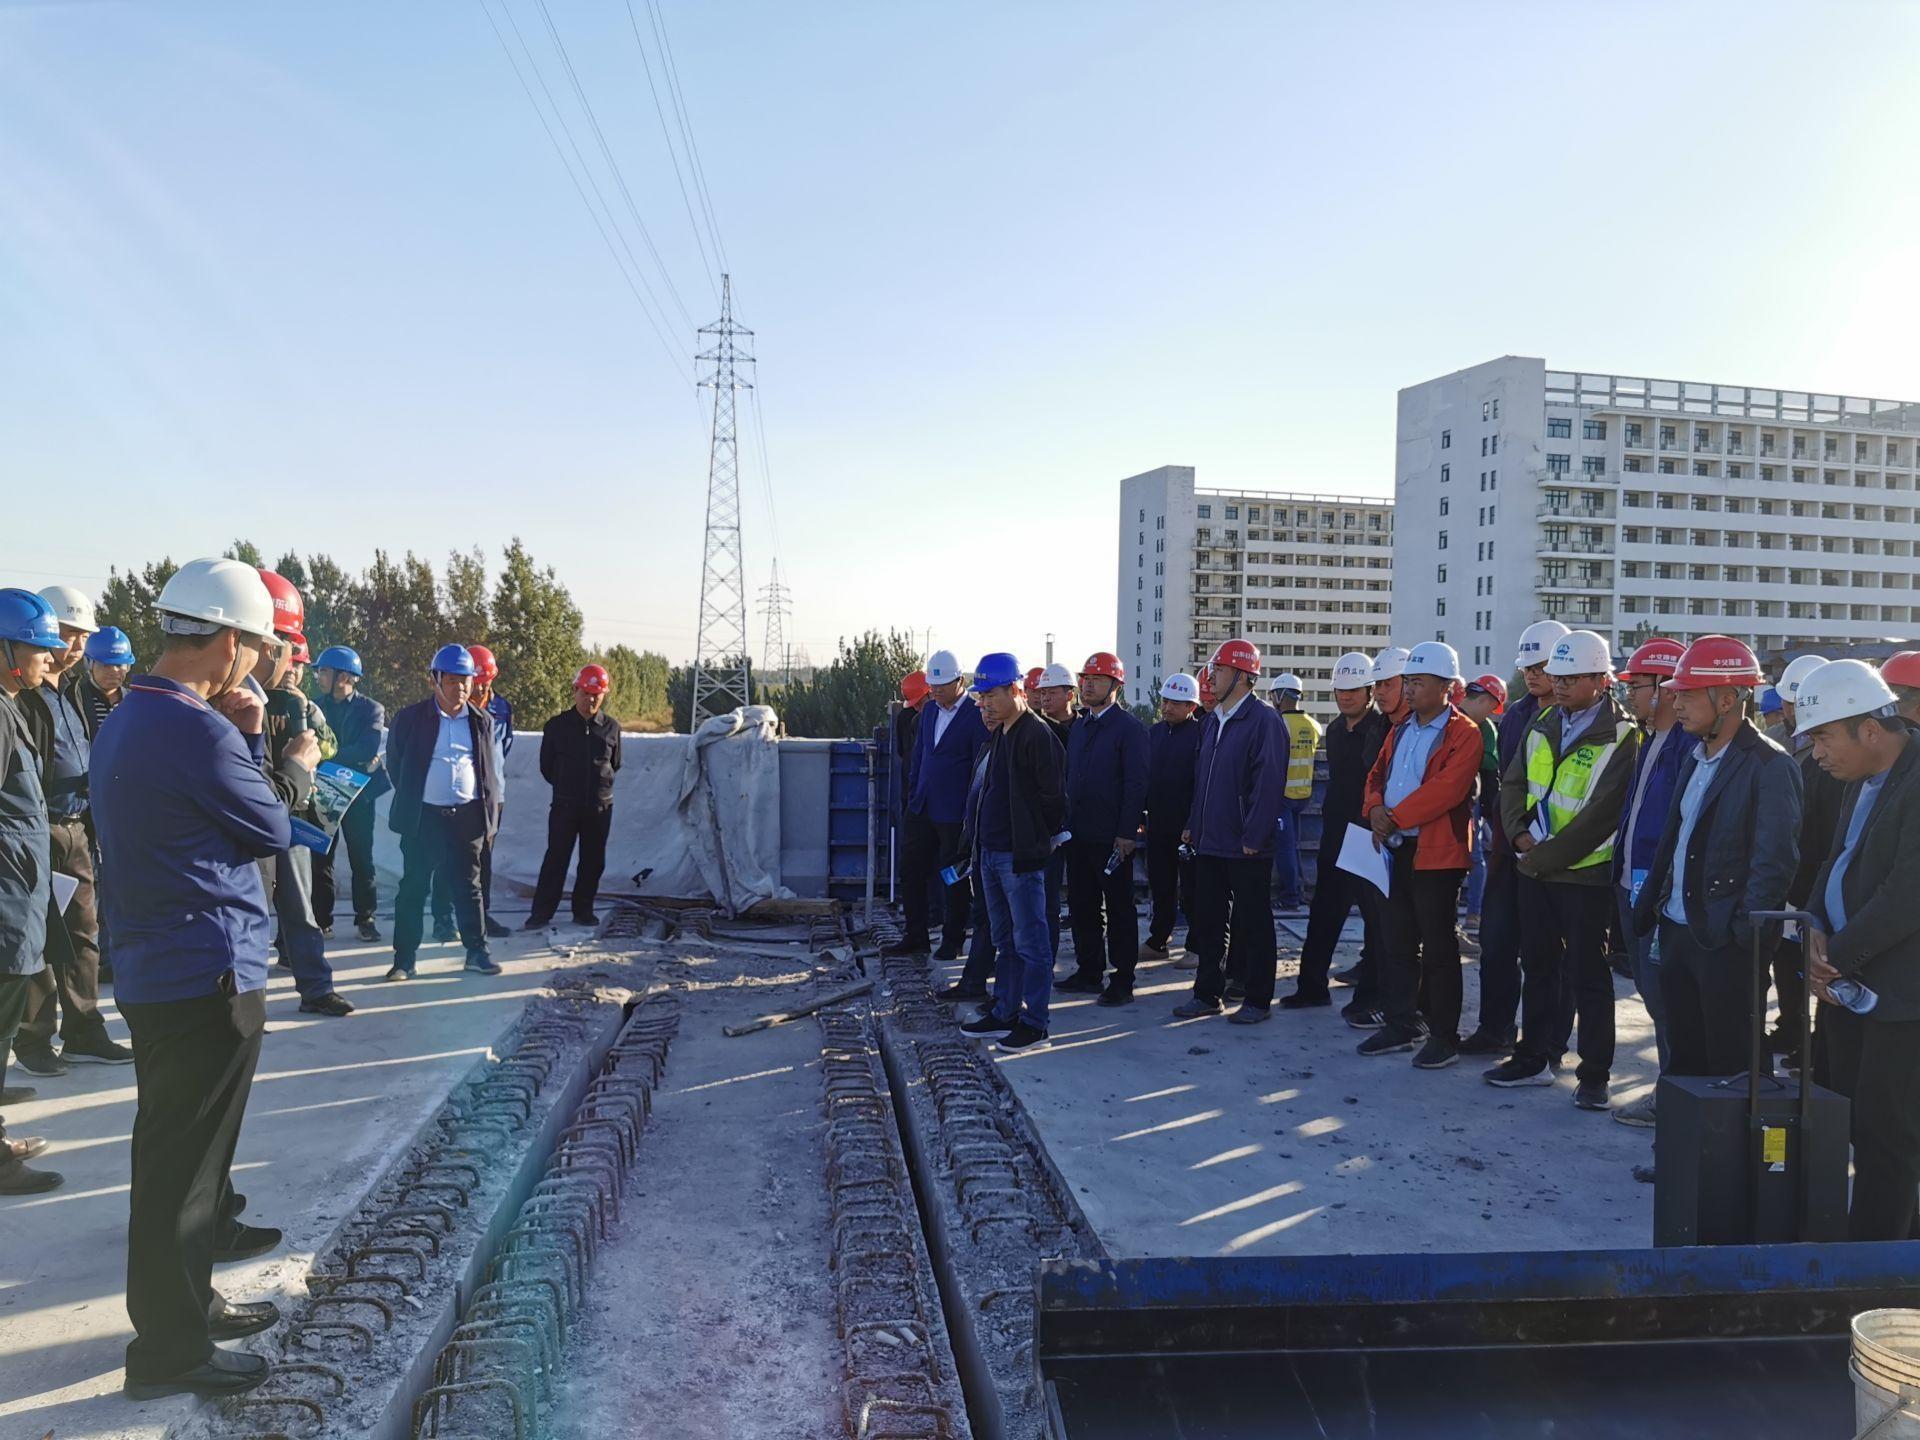 济宁内环高架项目举行桥梁桥面系施工质量现场观摩会